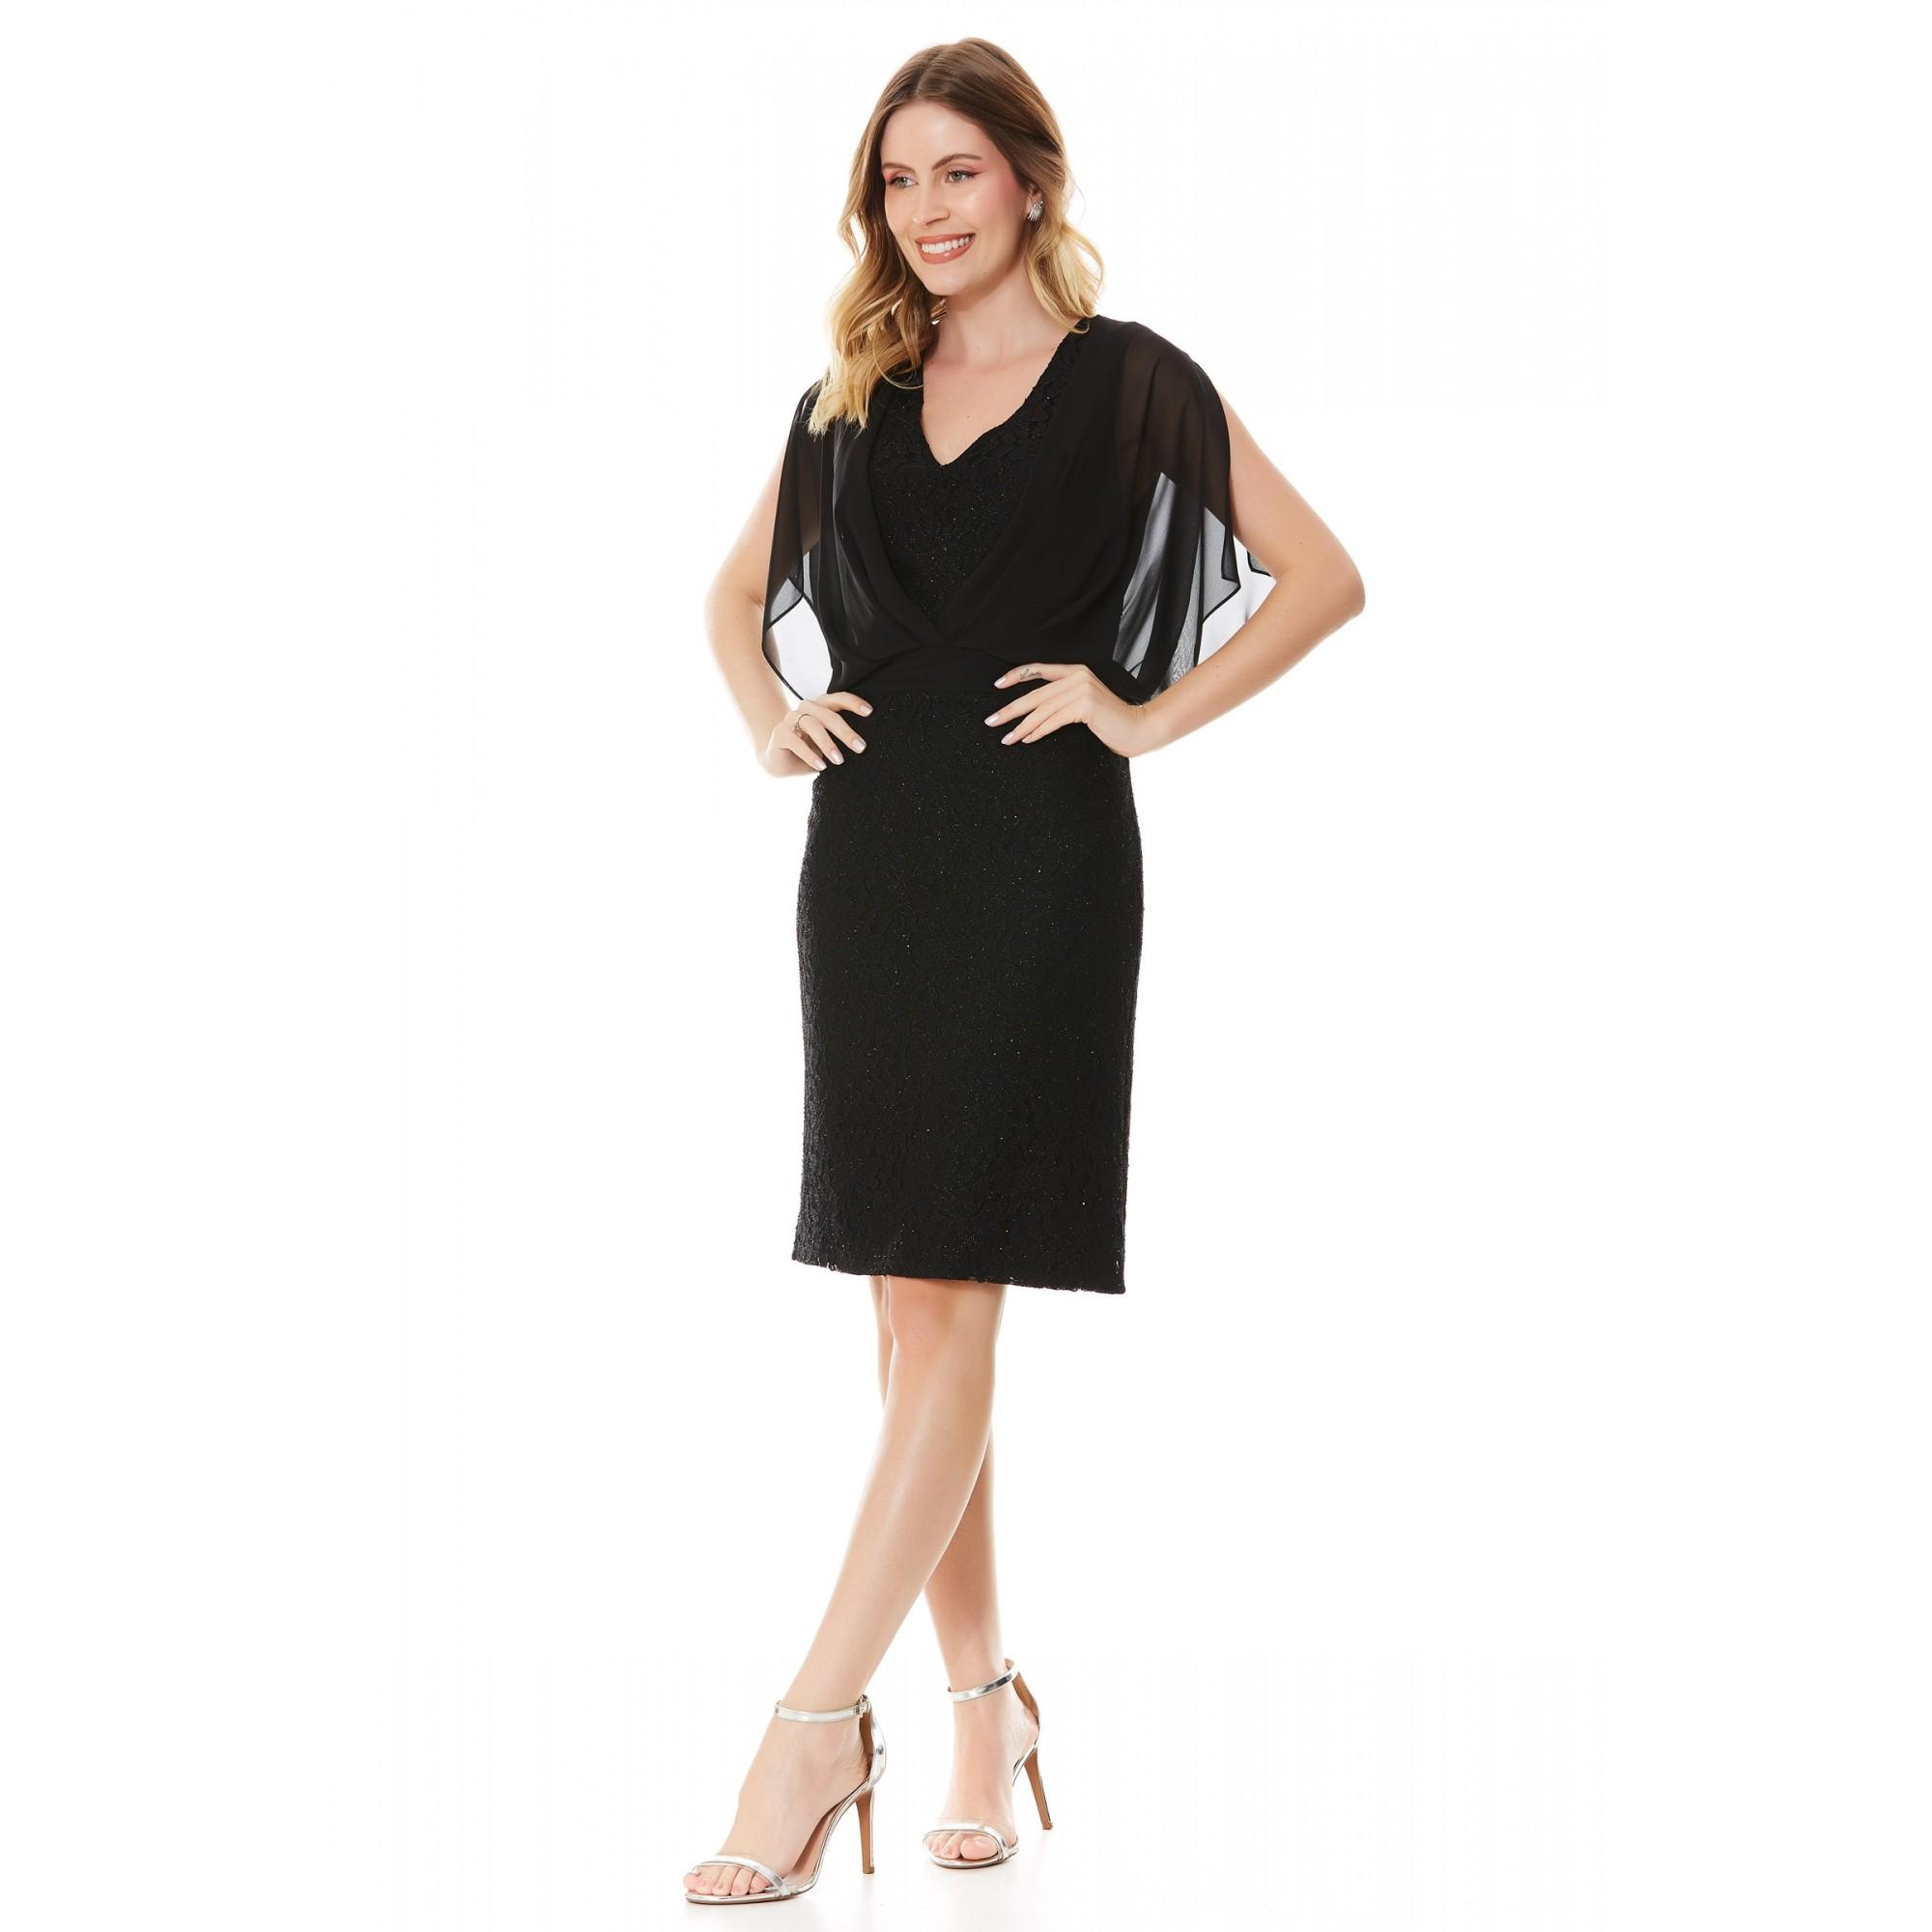 Vestido Donna - PRETO